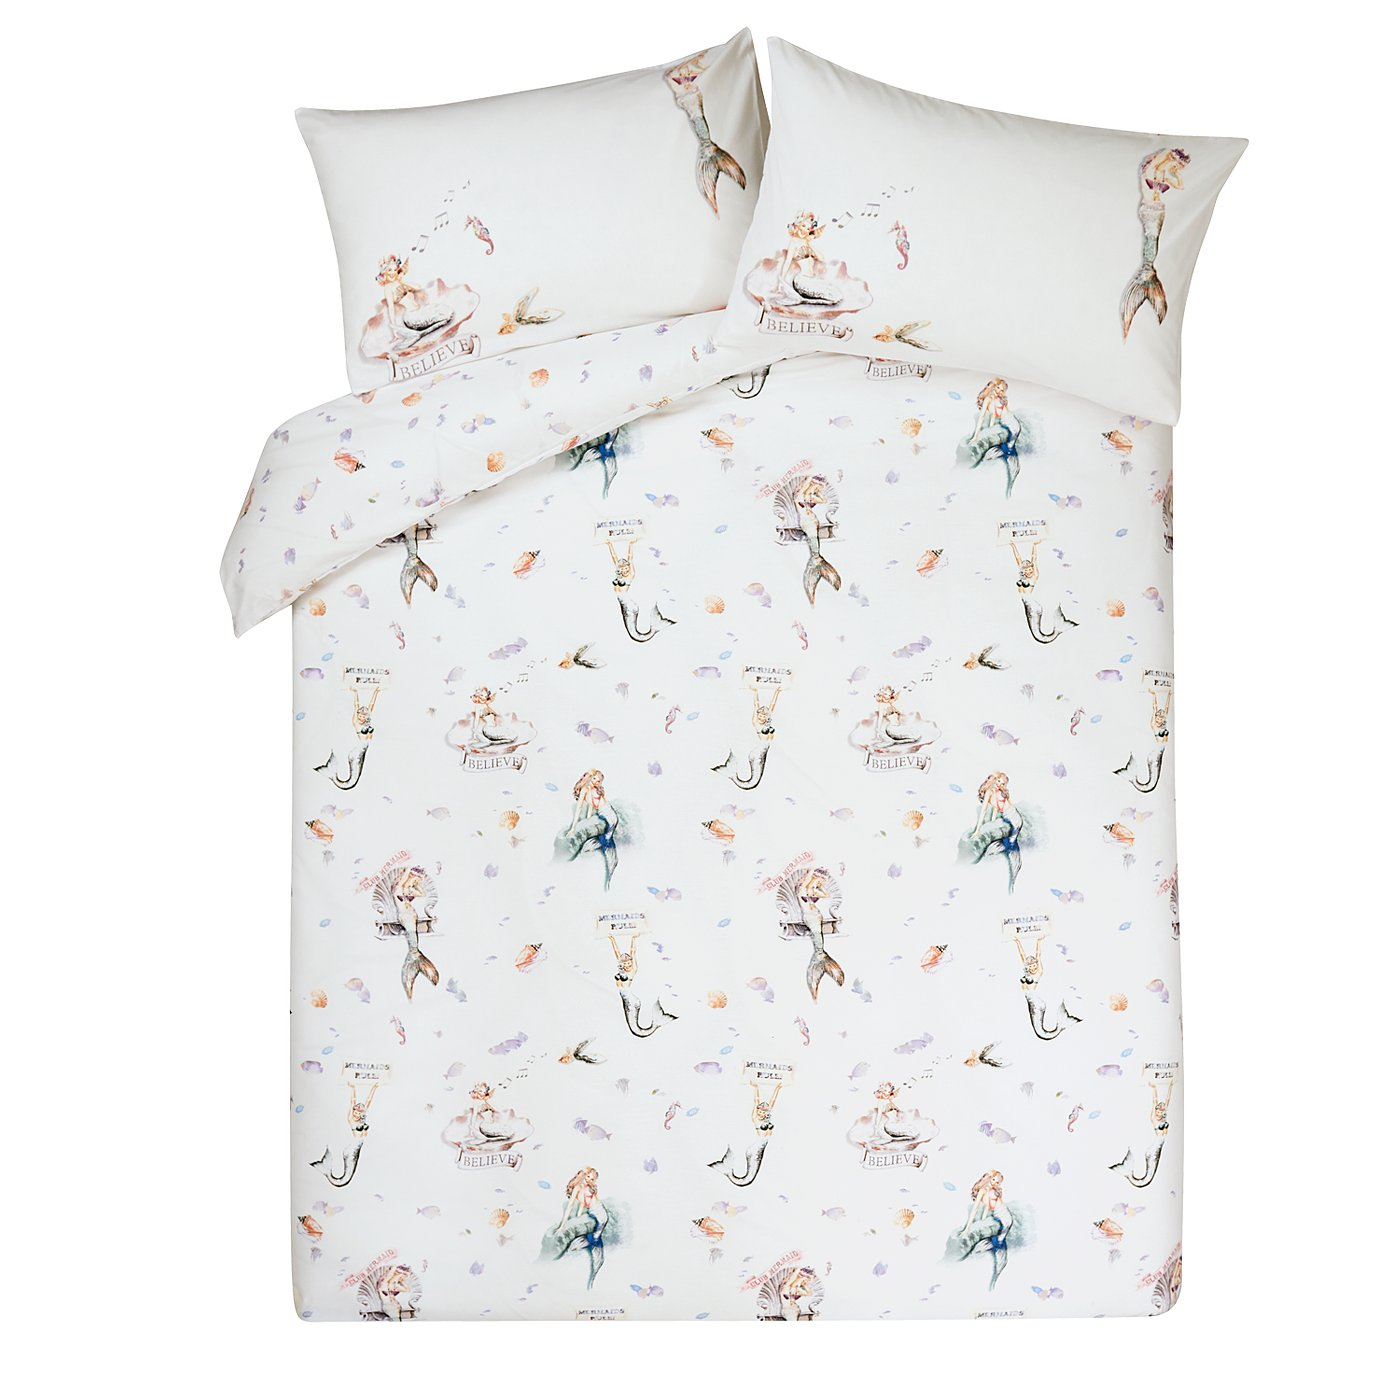 Mermaid Bedroom Set  Loading zoom. Mermaid Bedroom Set   Duvet Covers   George at ASDA